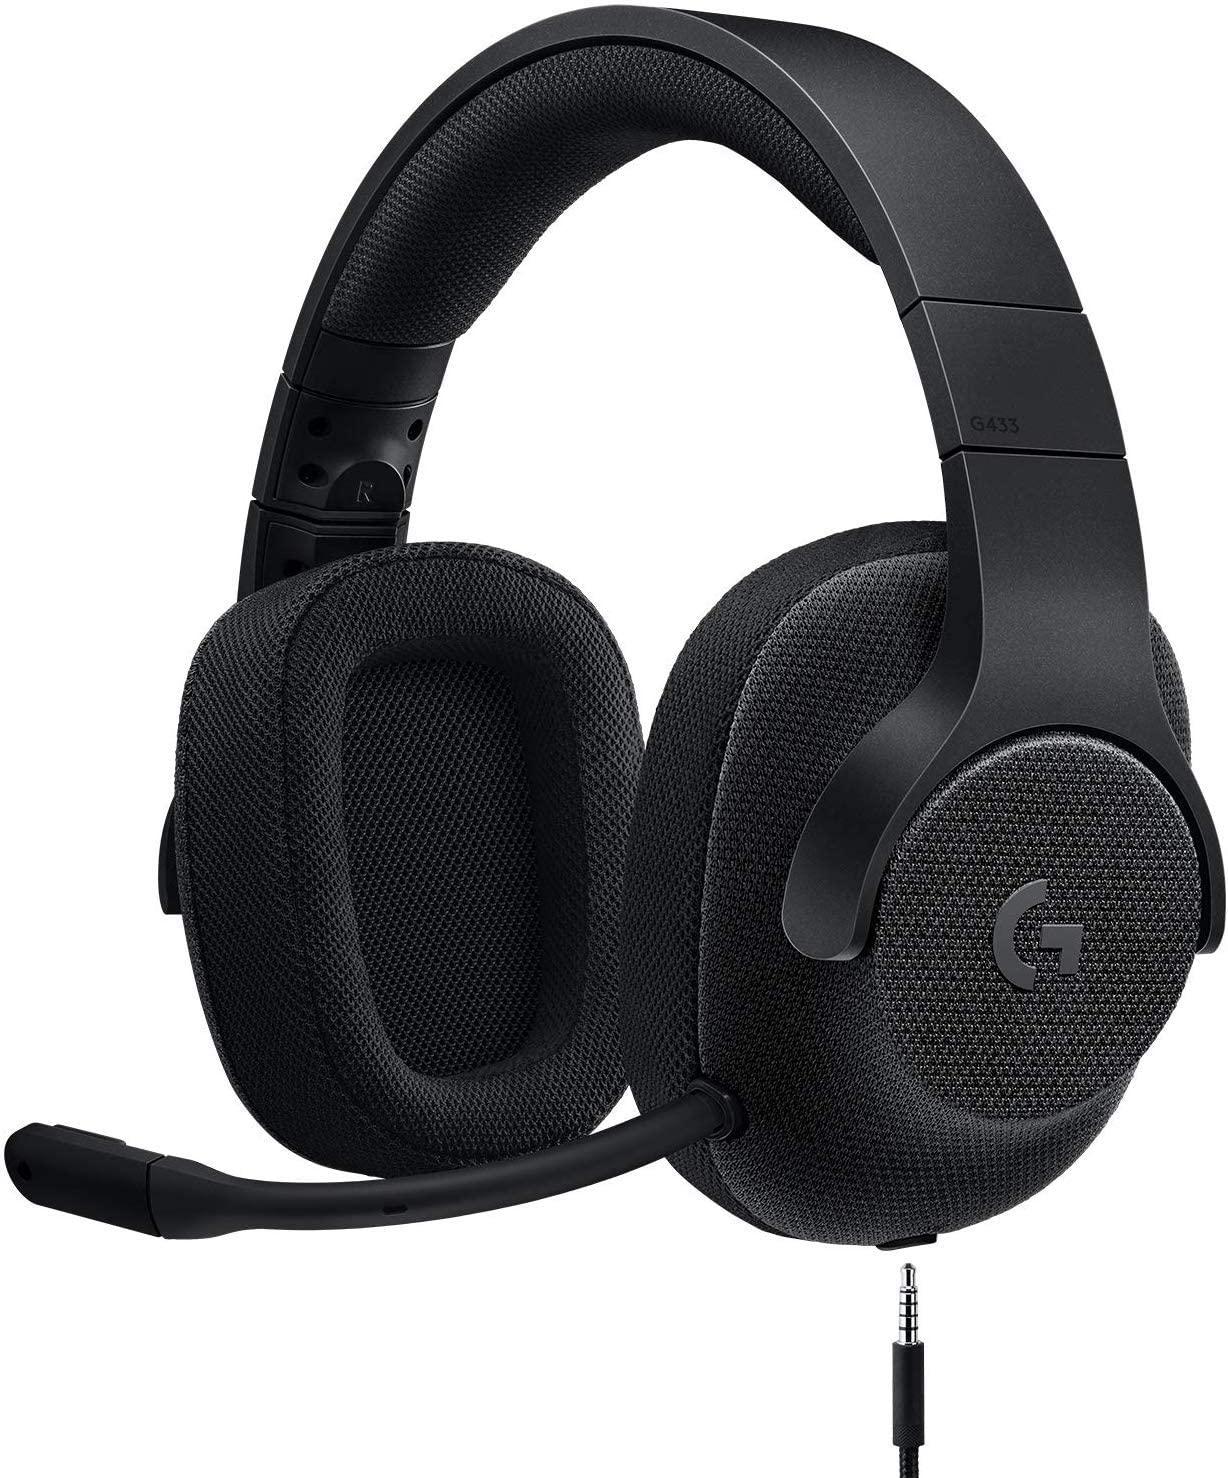 アマゾンでなぜか価格コムで酷評されているLogicool G ゲーミングヘッドセット 有線 G433BKがセール中。口コミ悪すぎて草ァ!